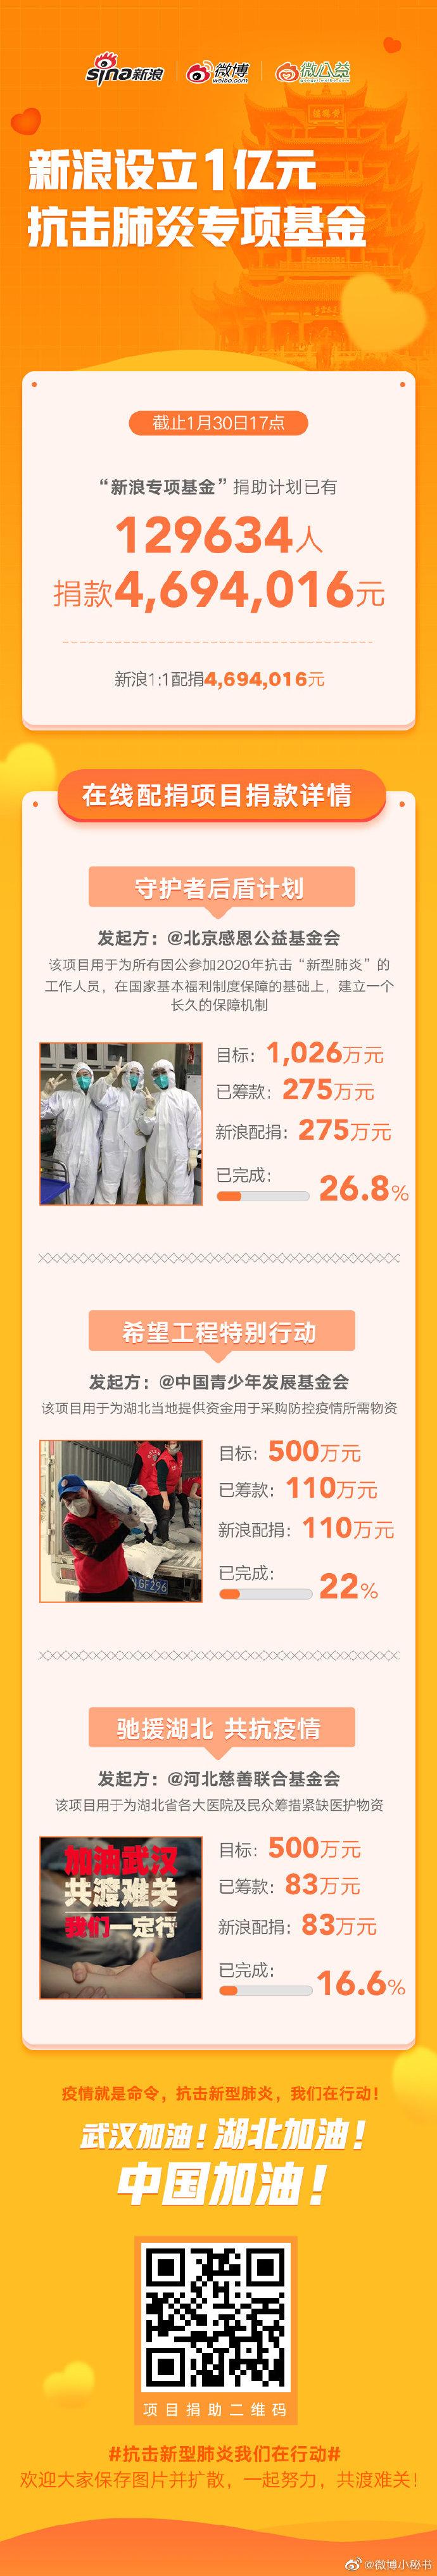 """""""新浪专项基金"""" 捐助计划,已有 129634 人捐款"""